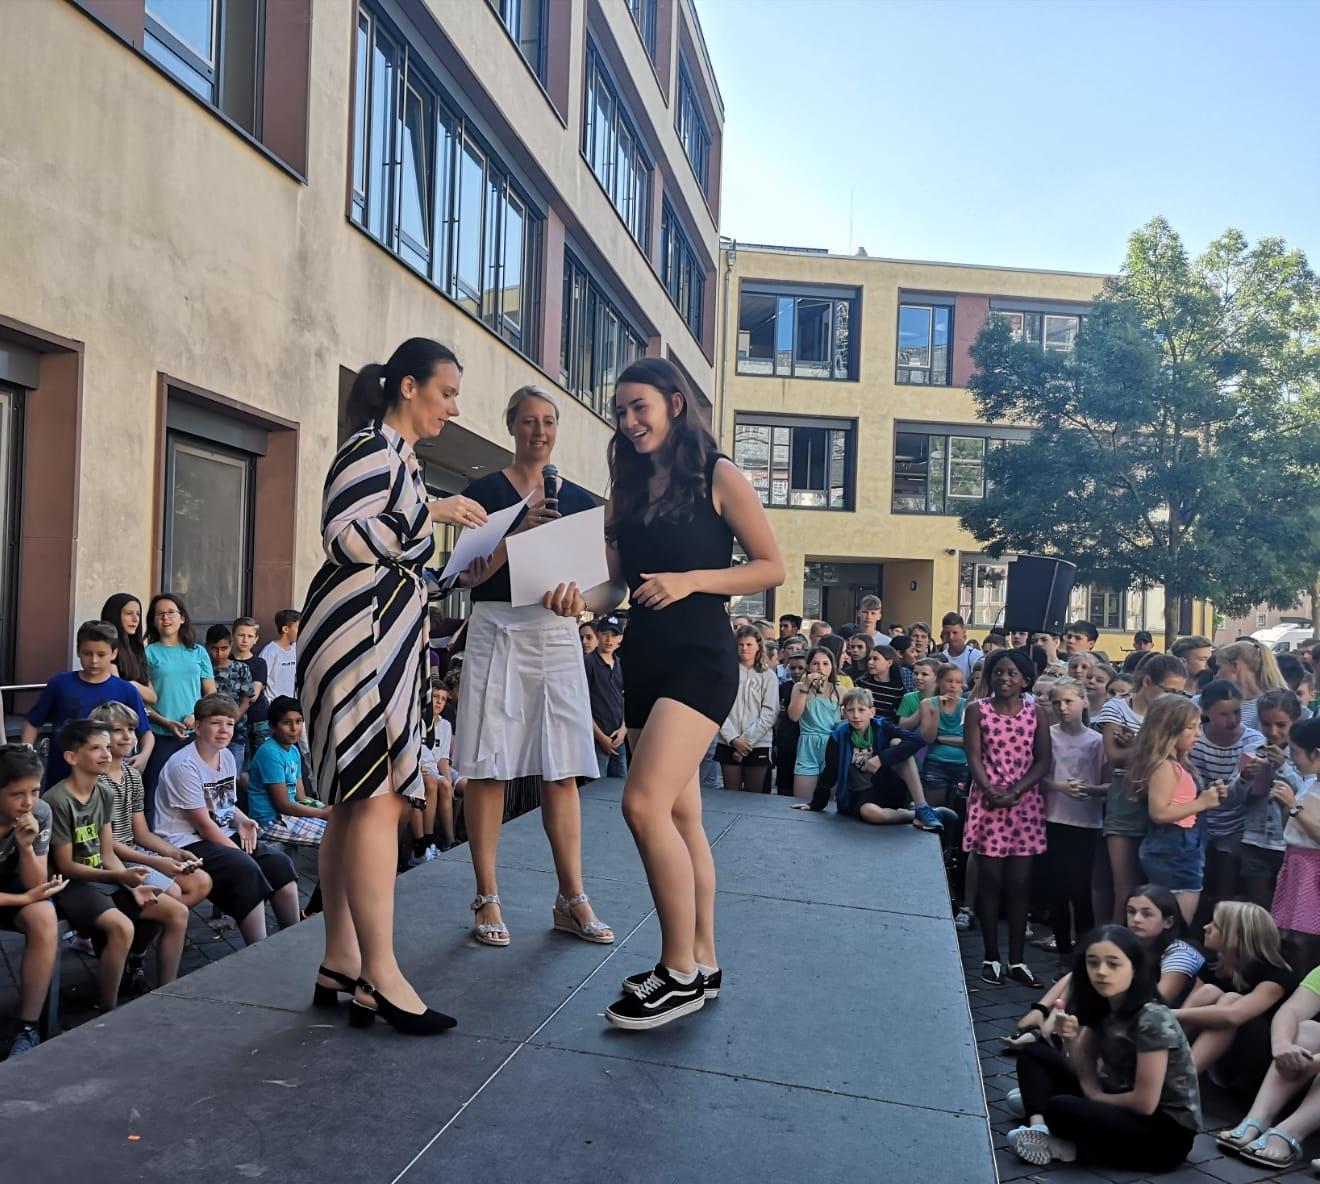 12.06.2019: Sponsorenlauf der Augustinerschule – Sport und Förderung sozialer Projekte